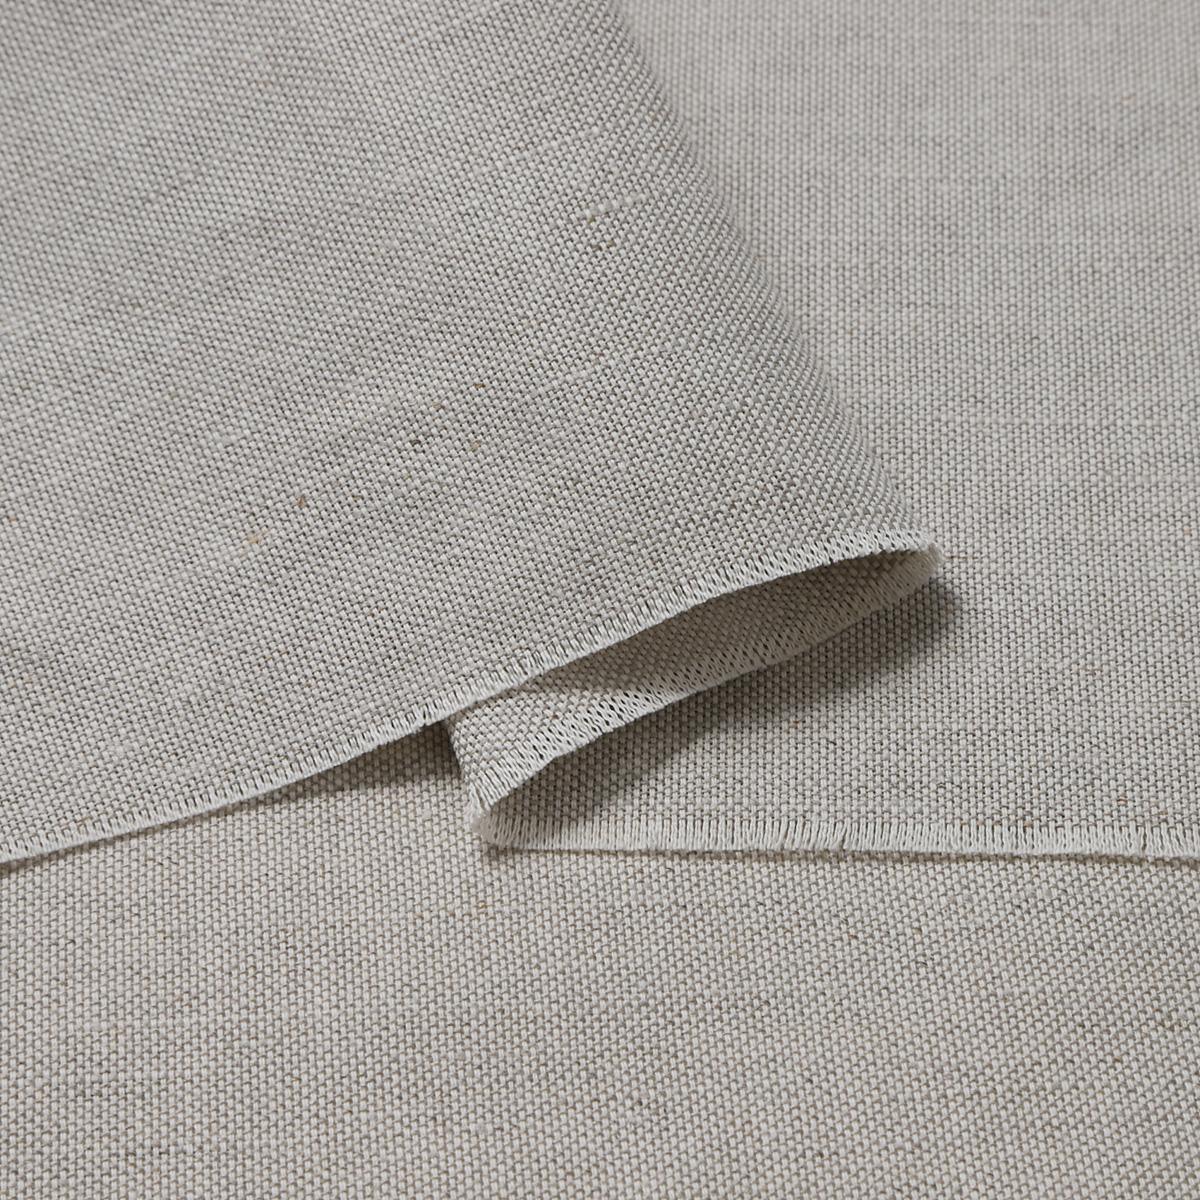 153cm巾【 リネンコットン混 】 オートミール オックス風 厚地 1m単位 R1753【バッグ、ジャケットに最適】